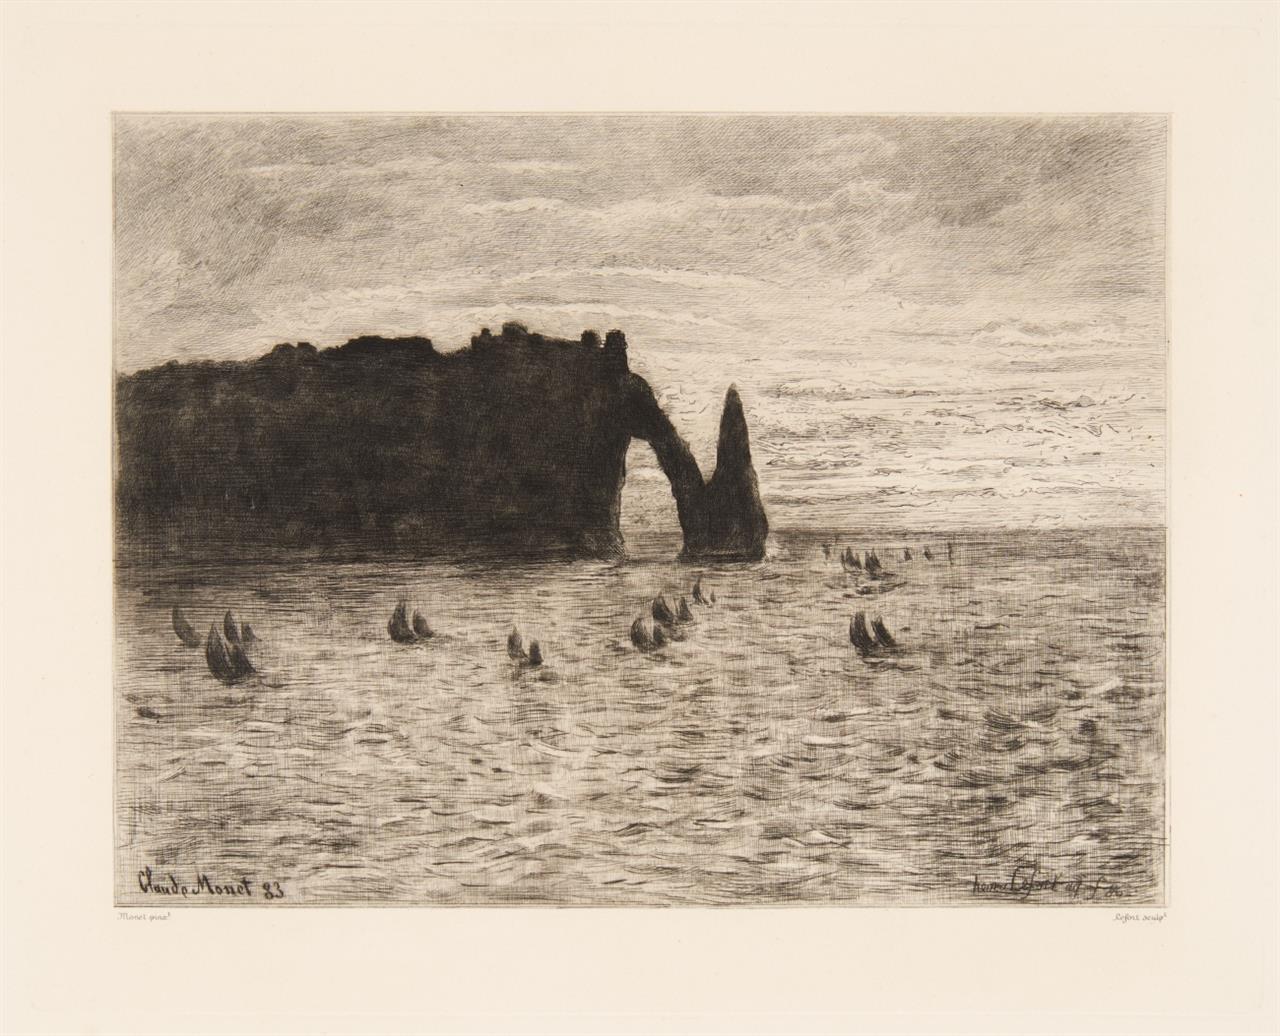 Claude Monet, nach. Le Rocher de Lion. 1883. Radierung von Henri Lefort.